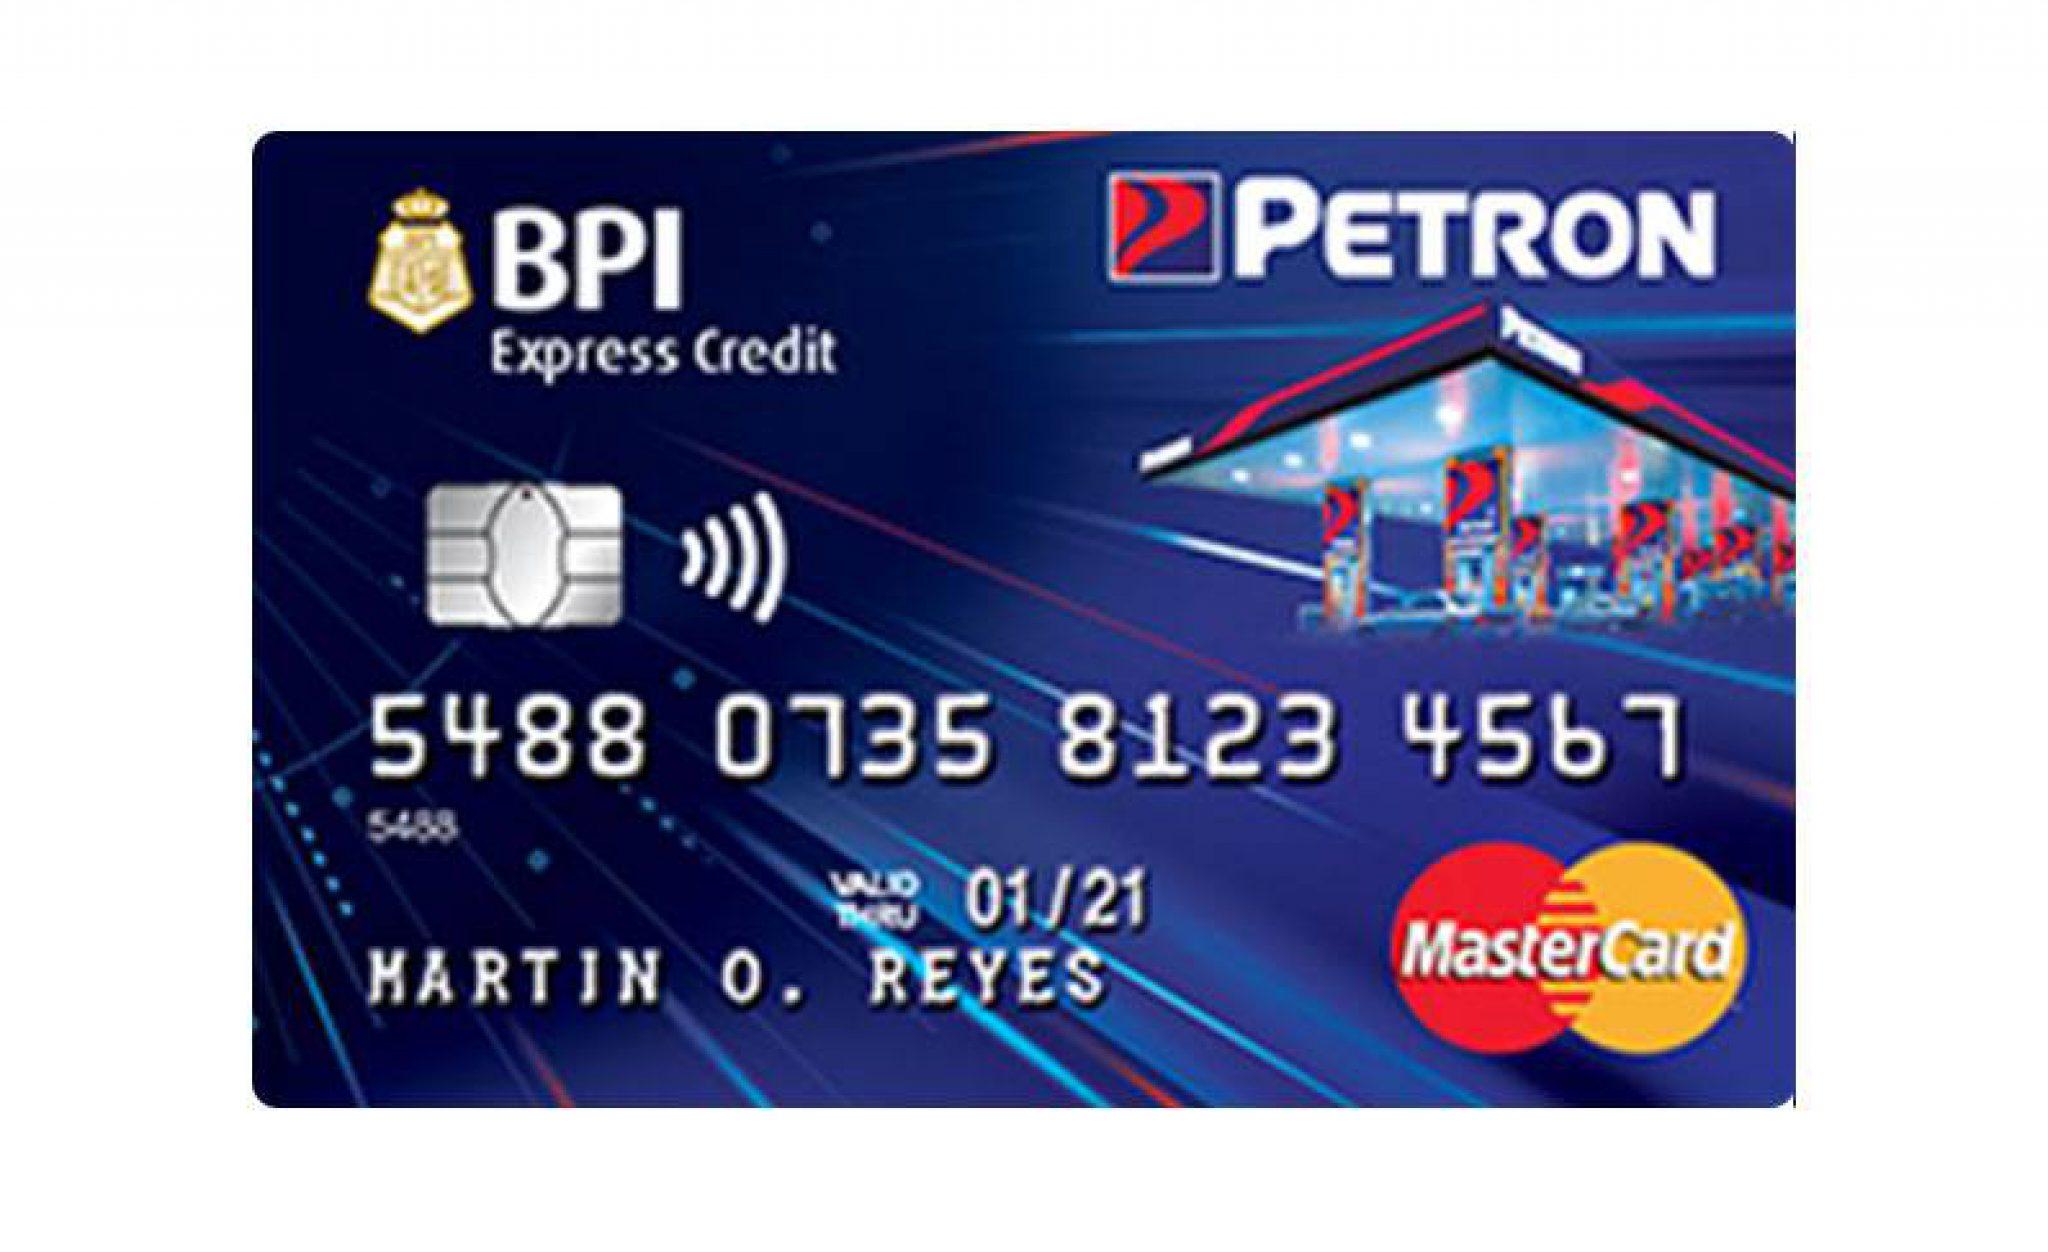 BPI Petron Mastercard